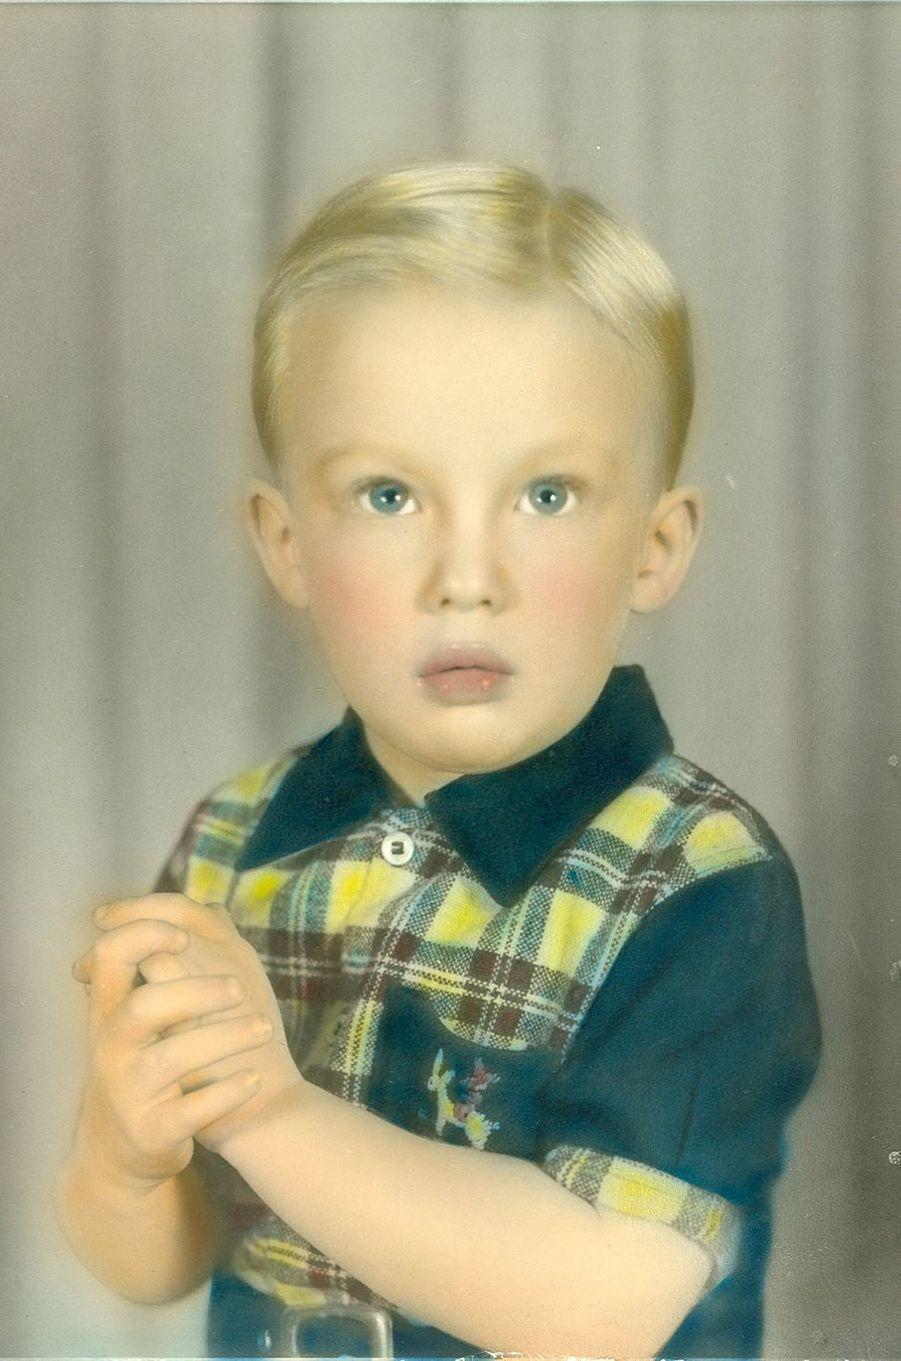 Donald Trump enfant (photo partagée sur sa page Facebook).